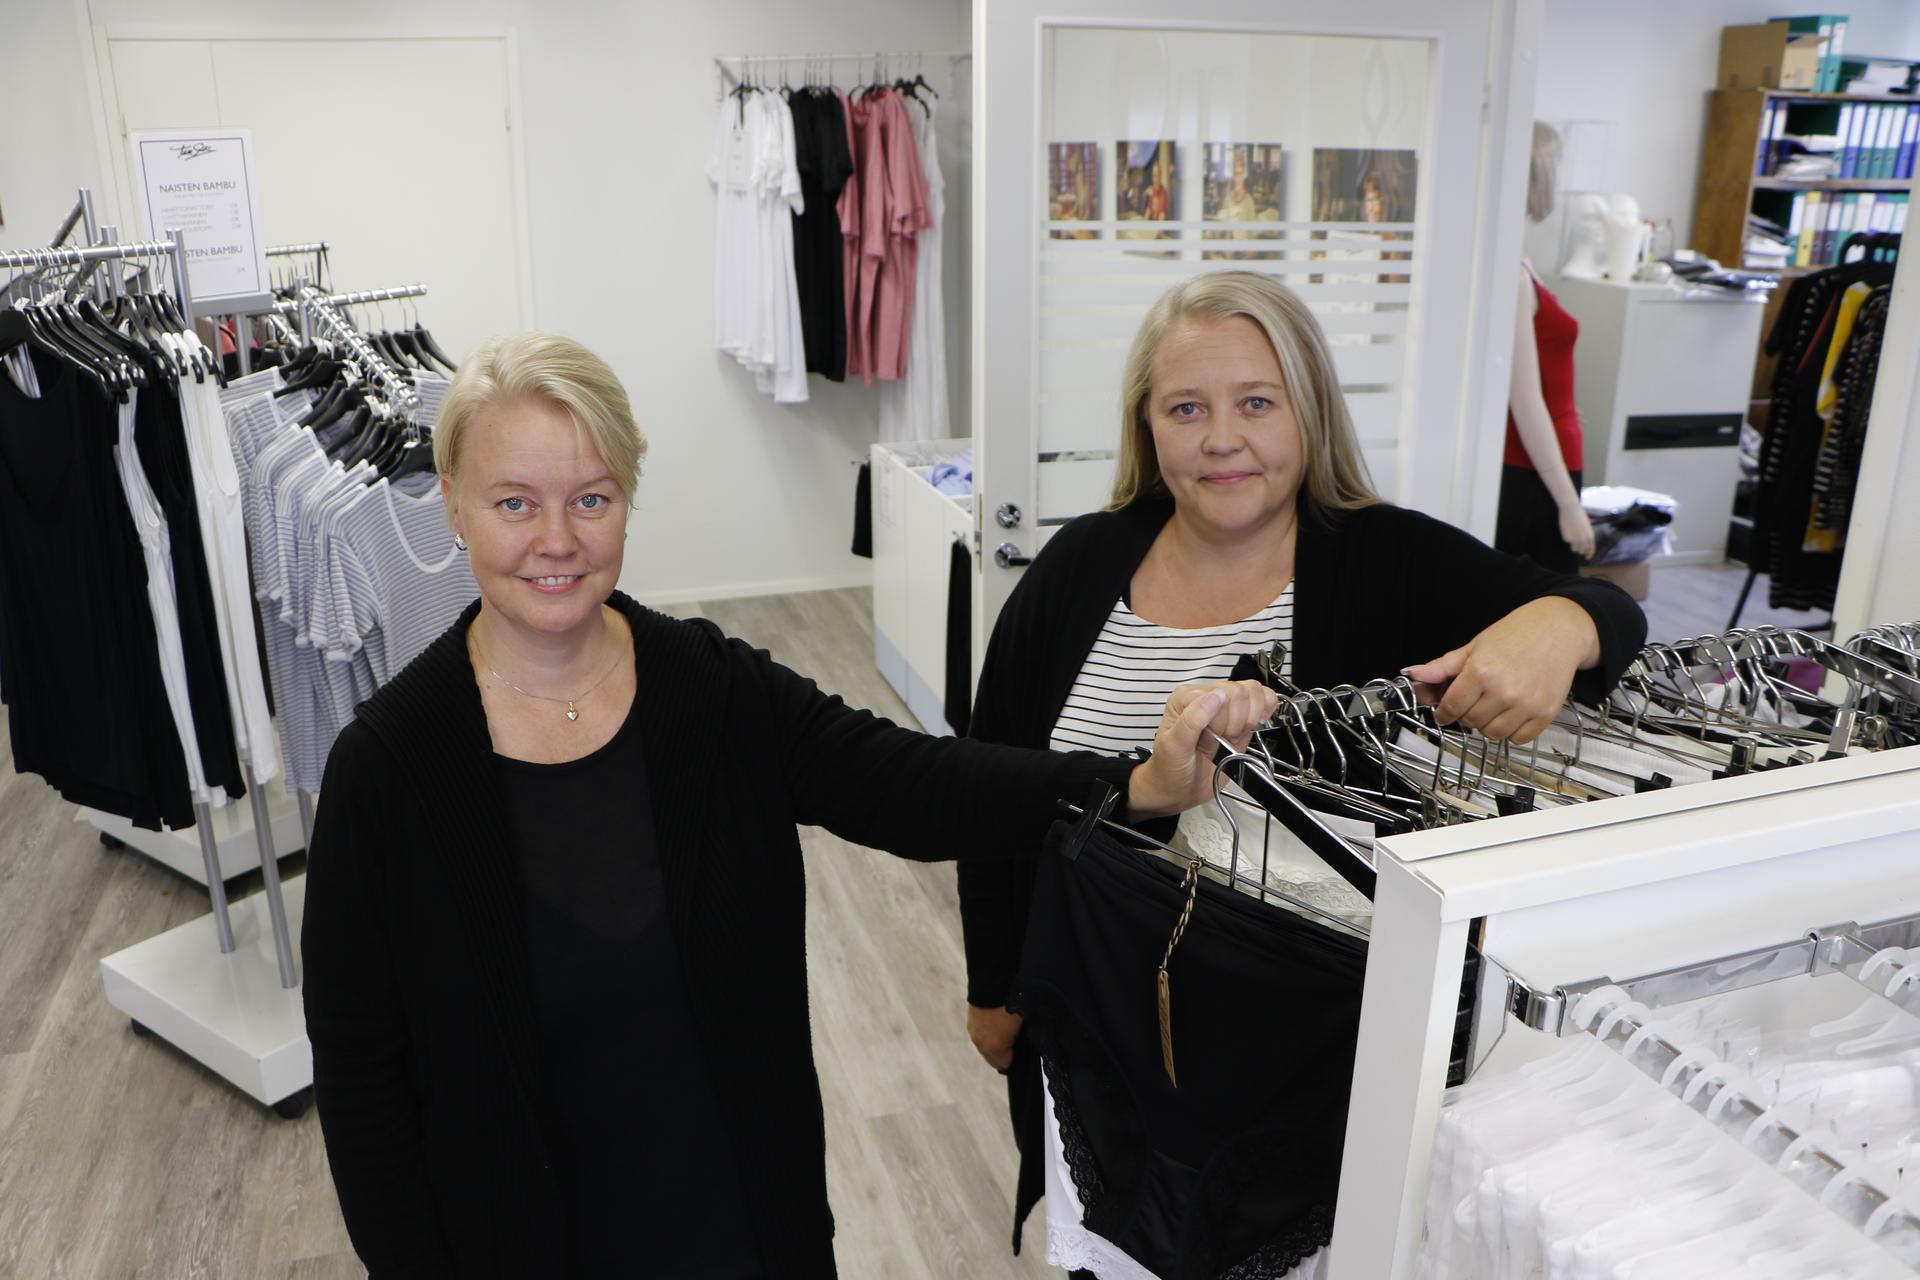 Tam-Silkin Päivi Pajunen (vas.) ja Piia Hatunen yllättyivät mainoksen aiheuttamasta julkisuudesta. Yrityksen toimitiloissa on pitänyt kiirettä, sillä tilauksia on tullut koko kuukauden edestä.